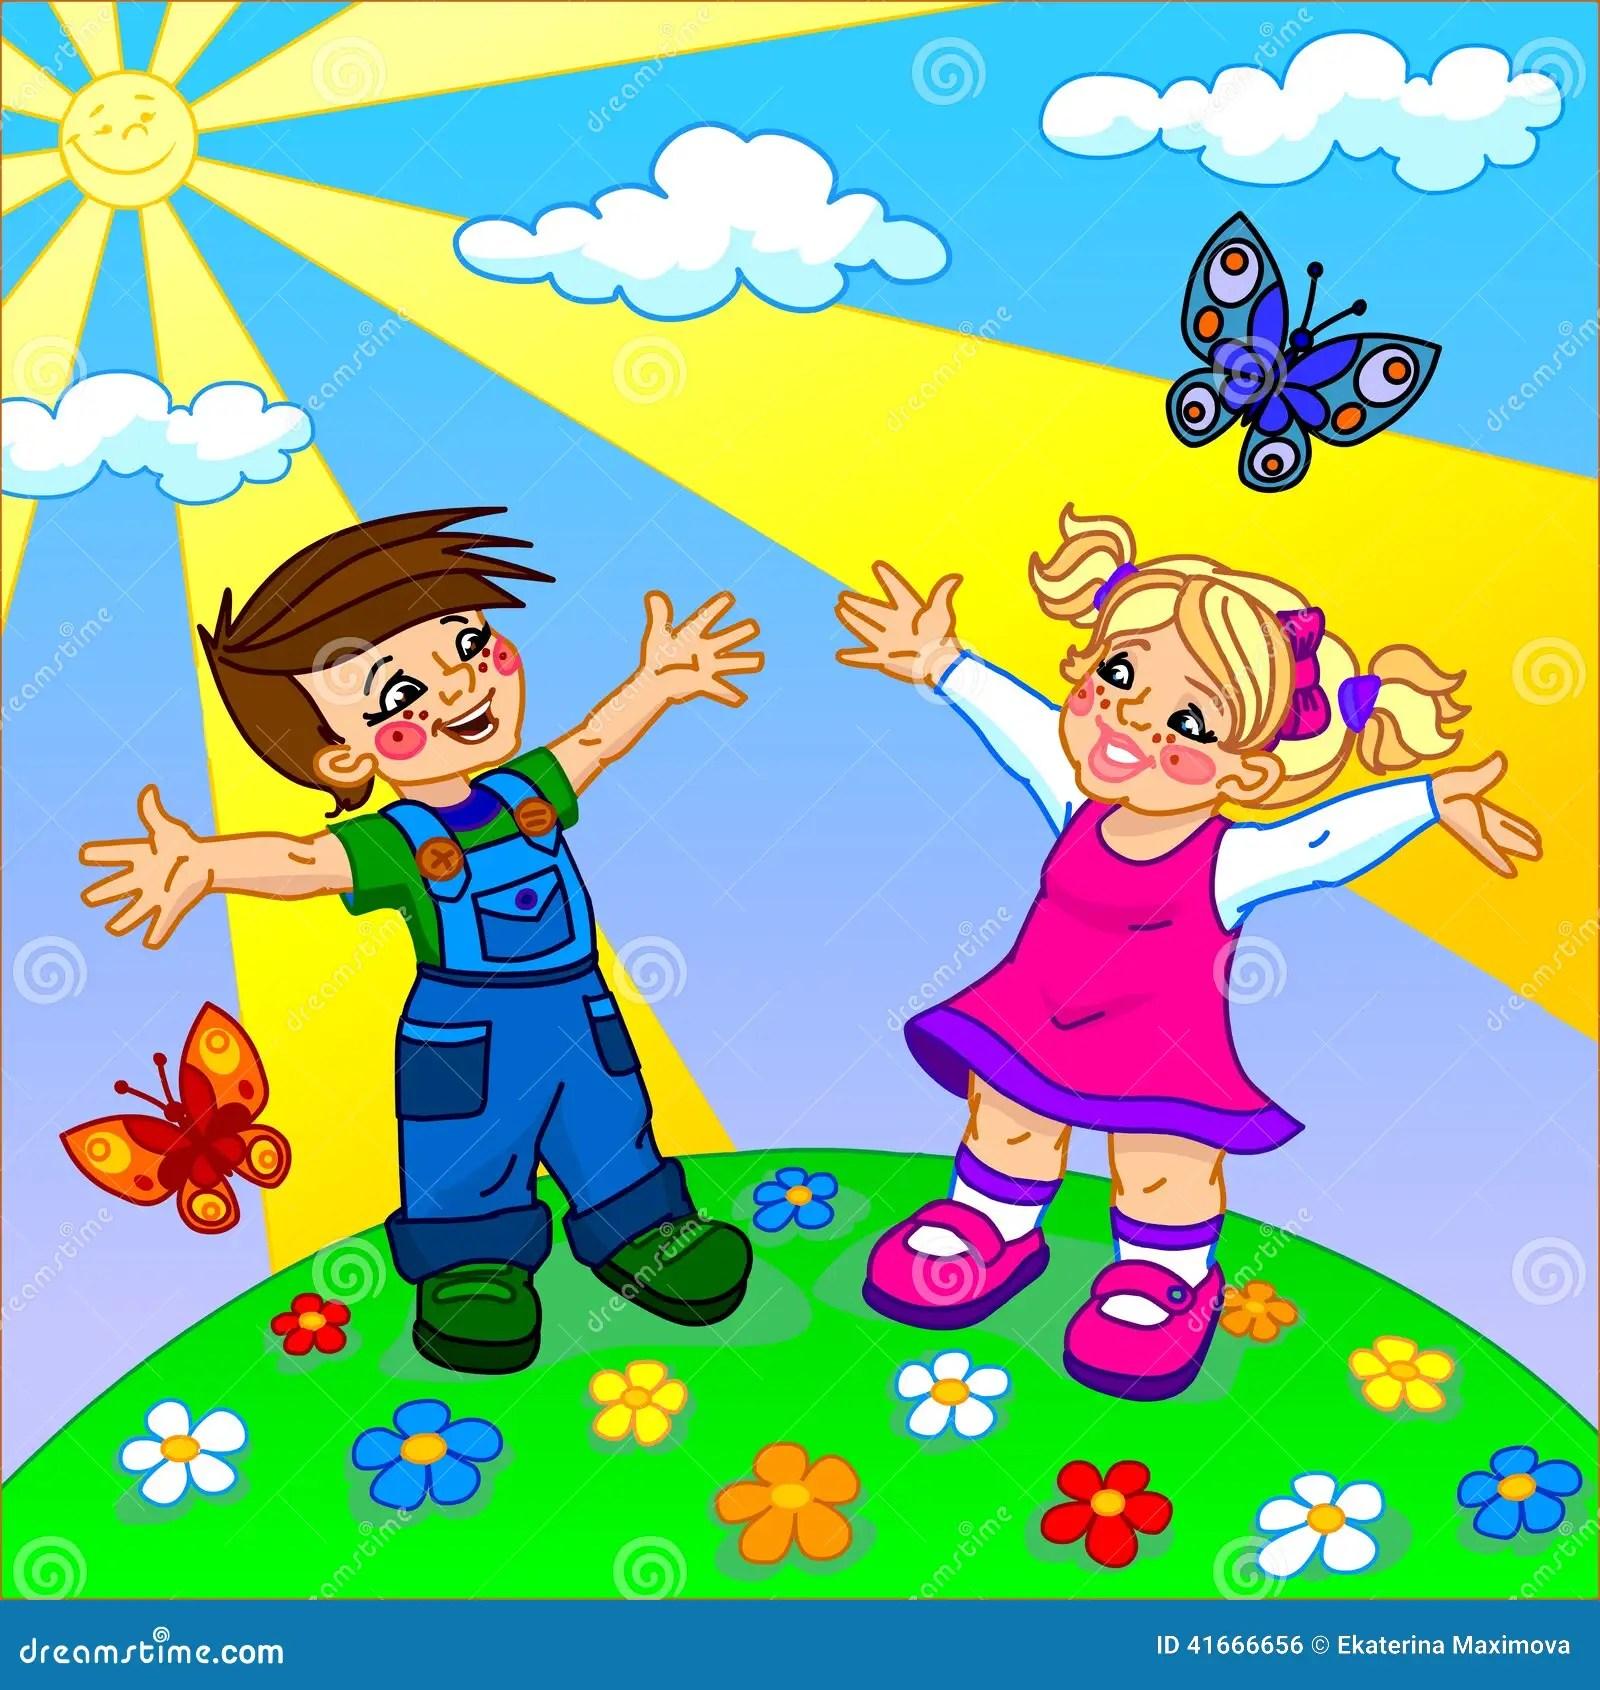 A Ilustracao De Criancas Felizes Dos Desenhos Animados